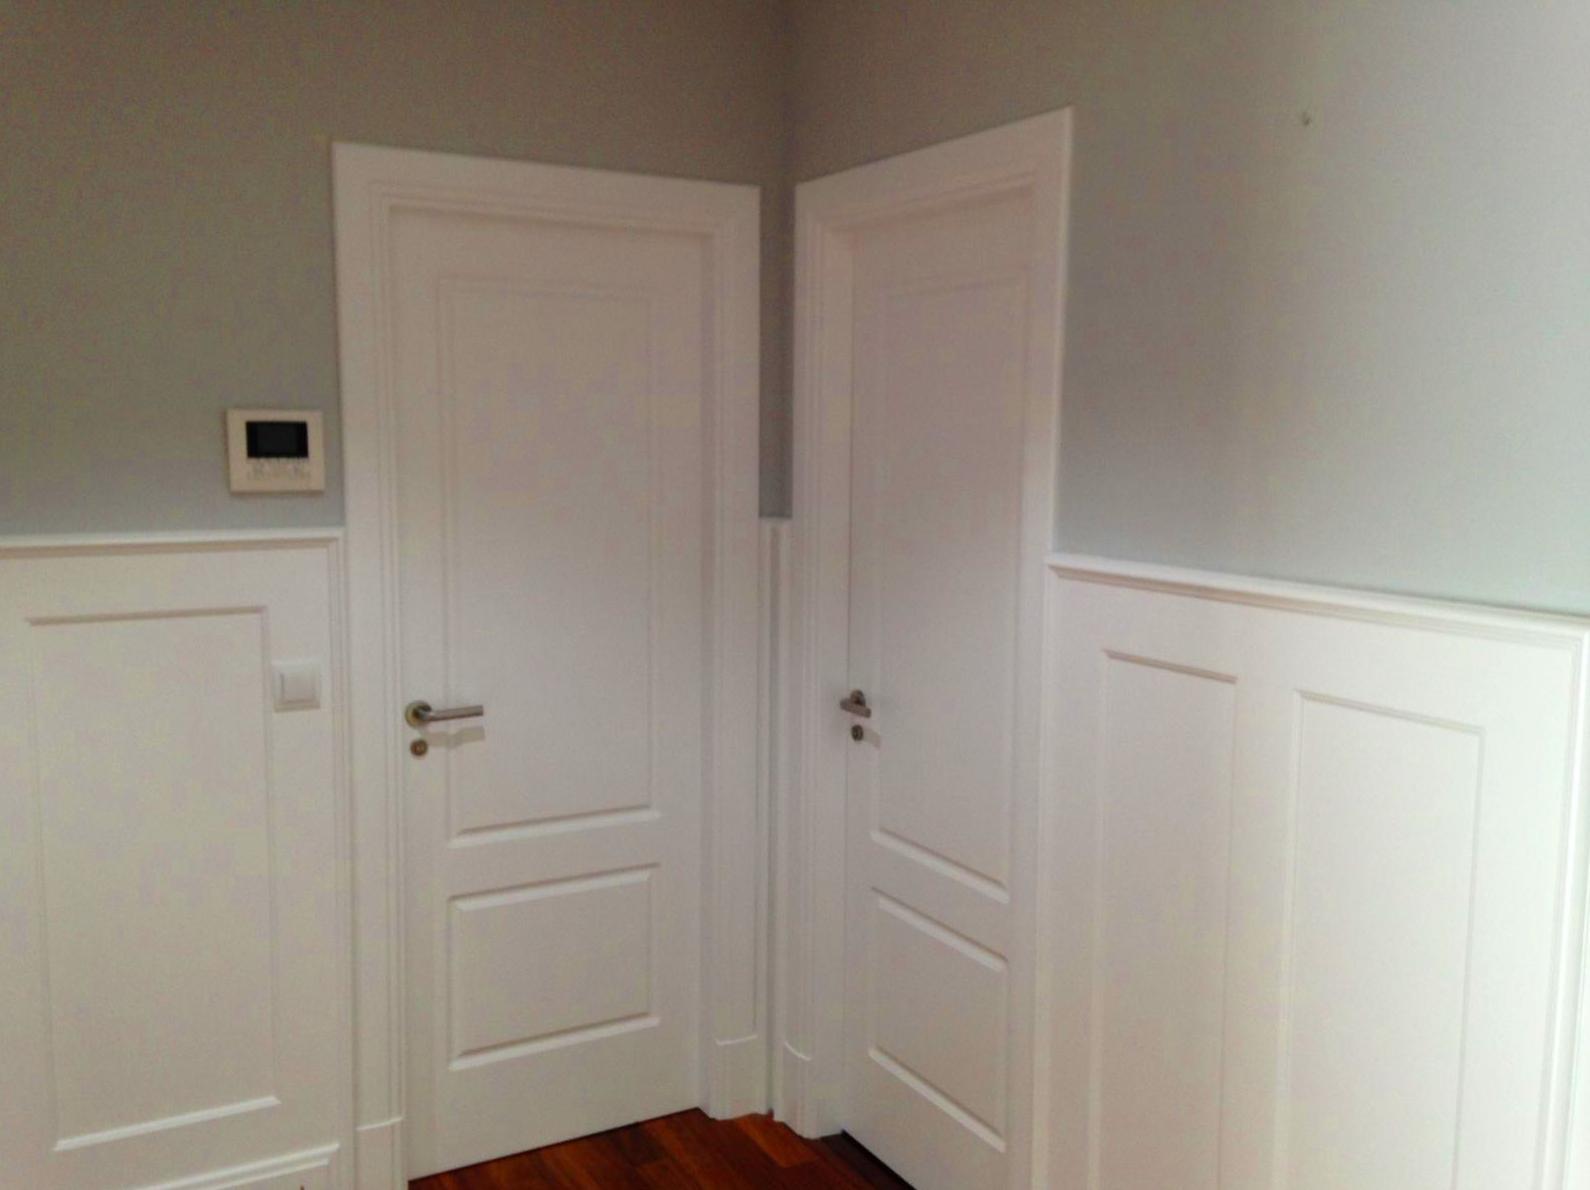 Puertas de paso y zócalos altos lacados en color blanco